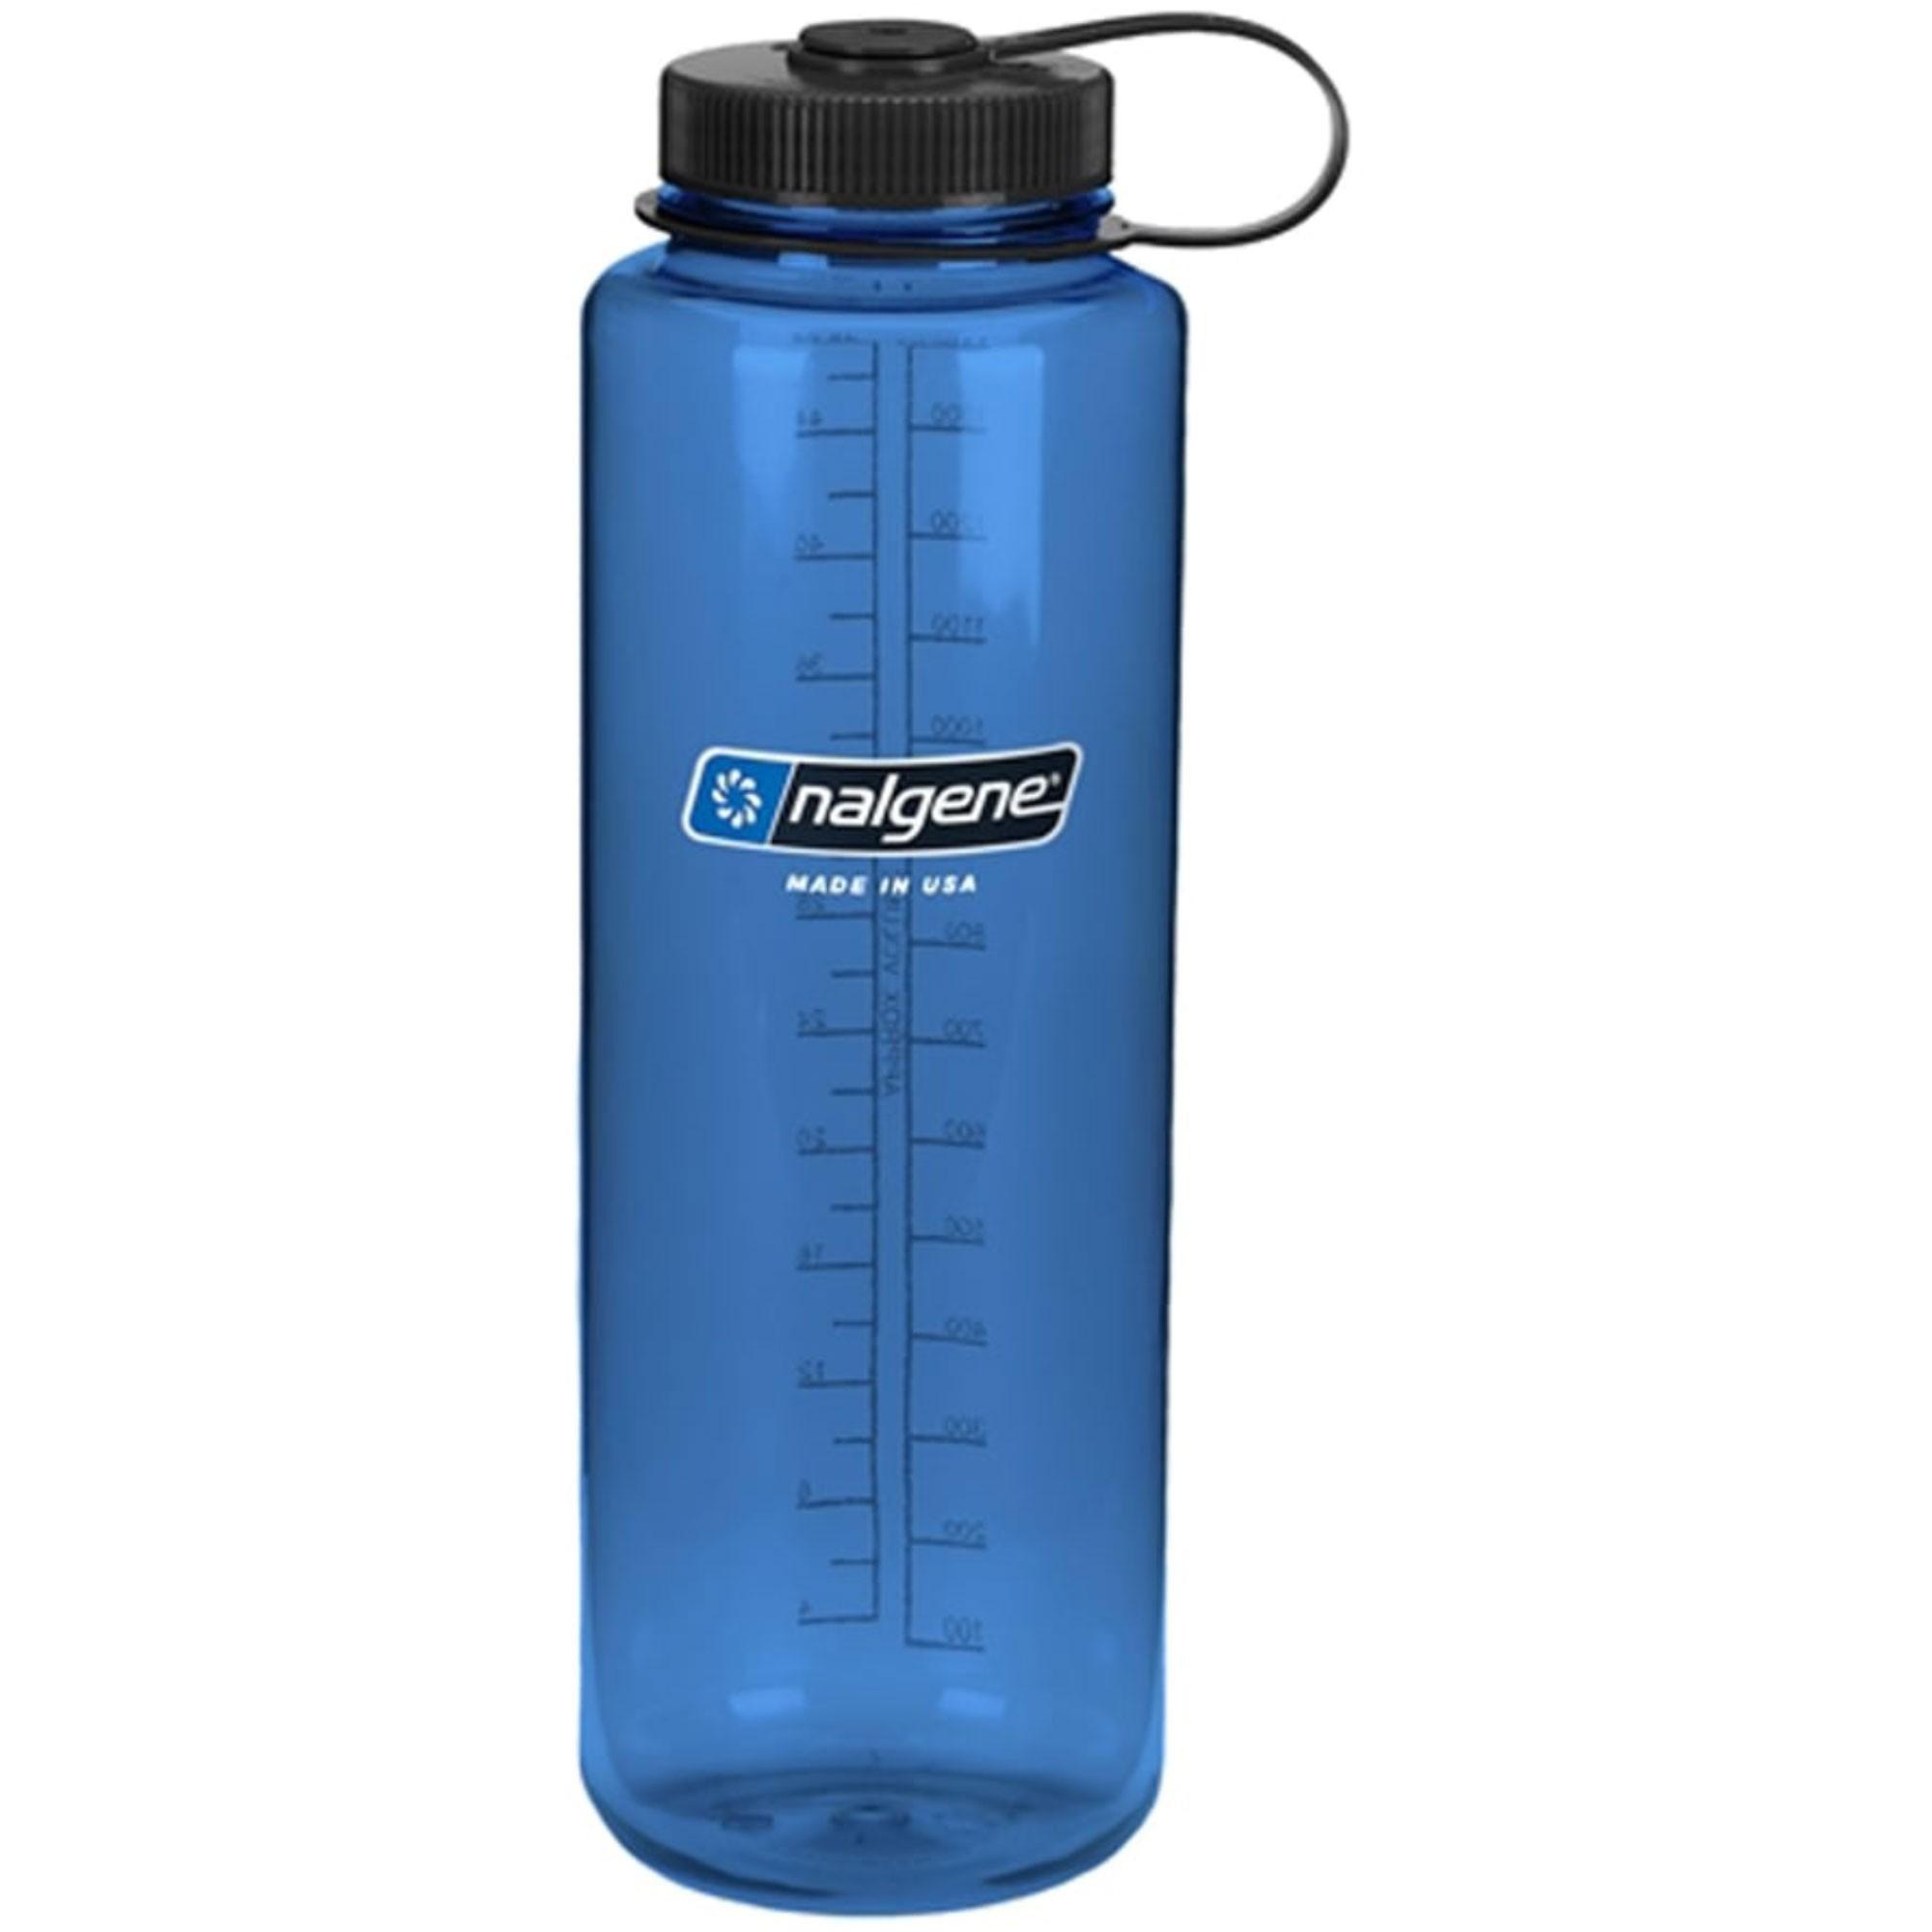 Nalgene 1.5L Silo Widemouth Bottle - Tritan - Slate Blue